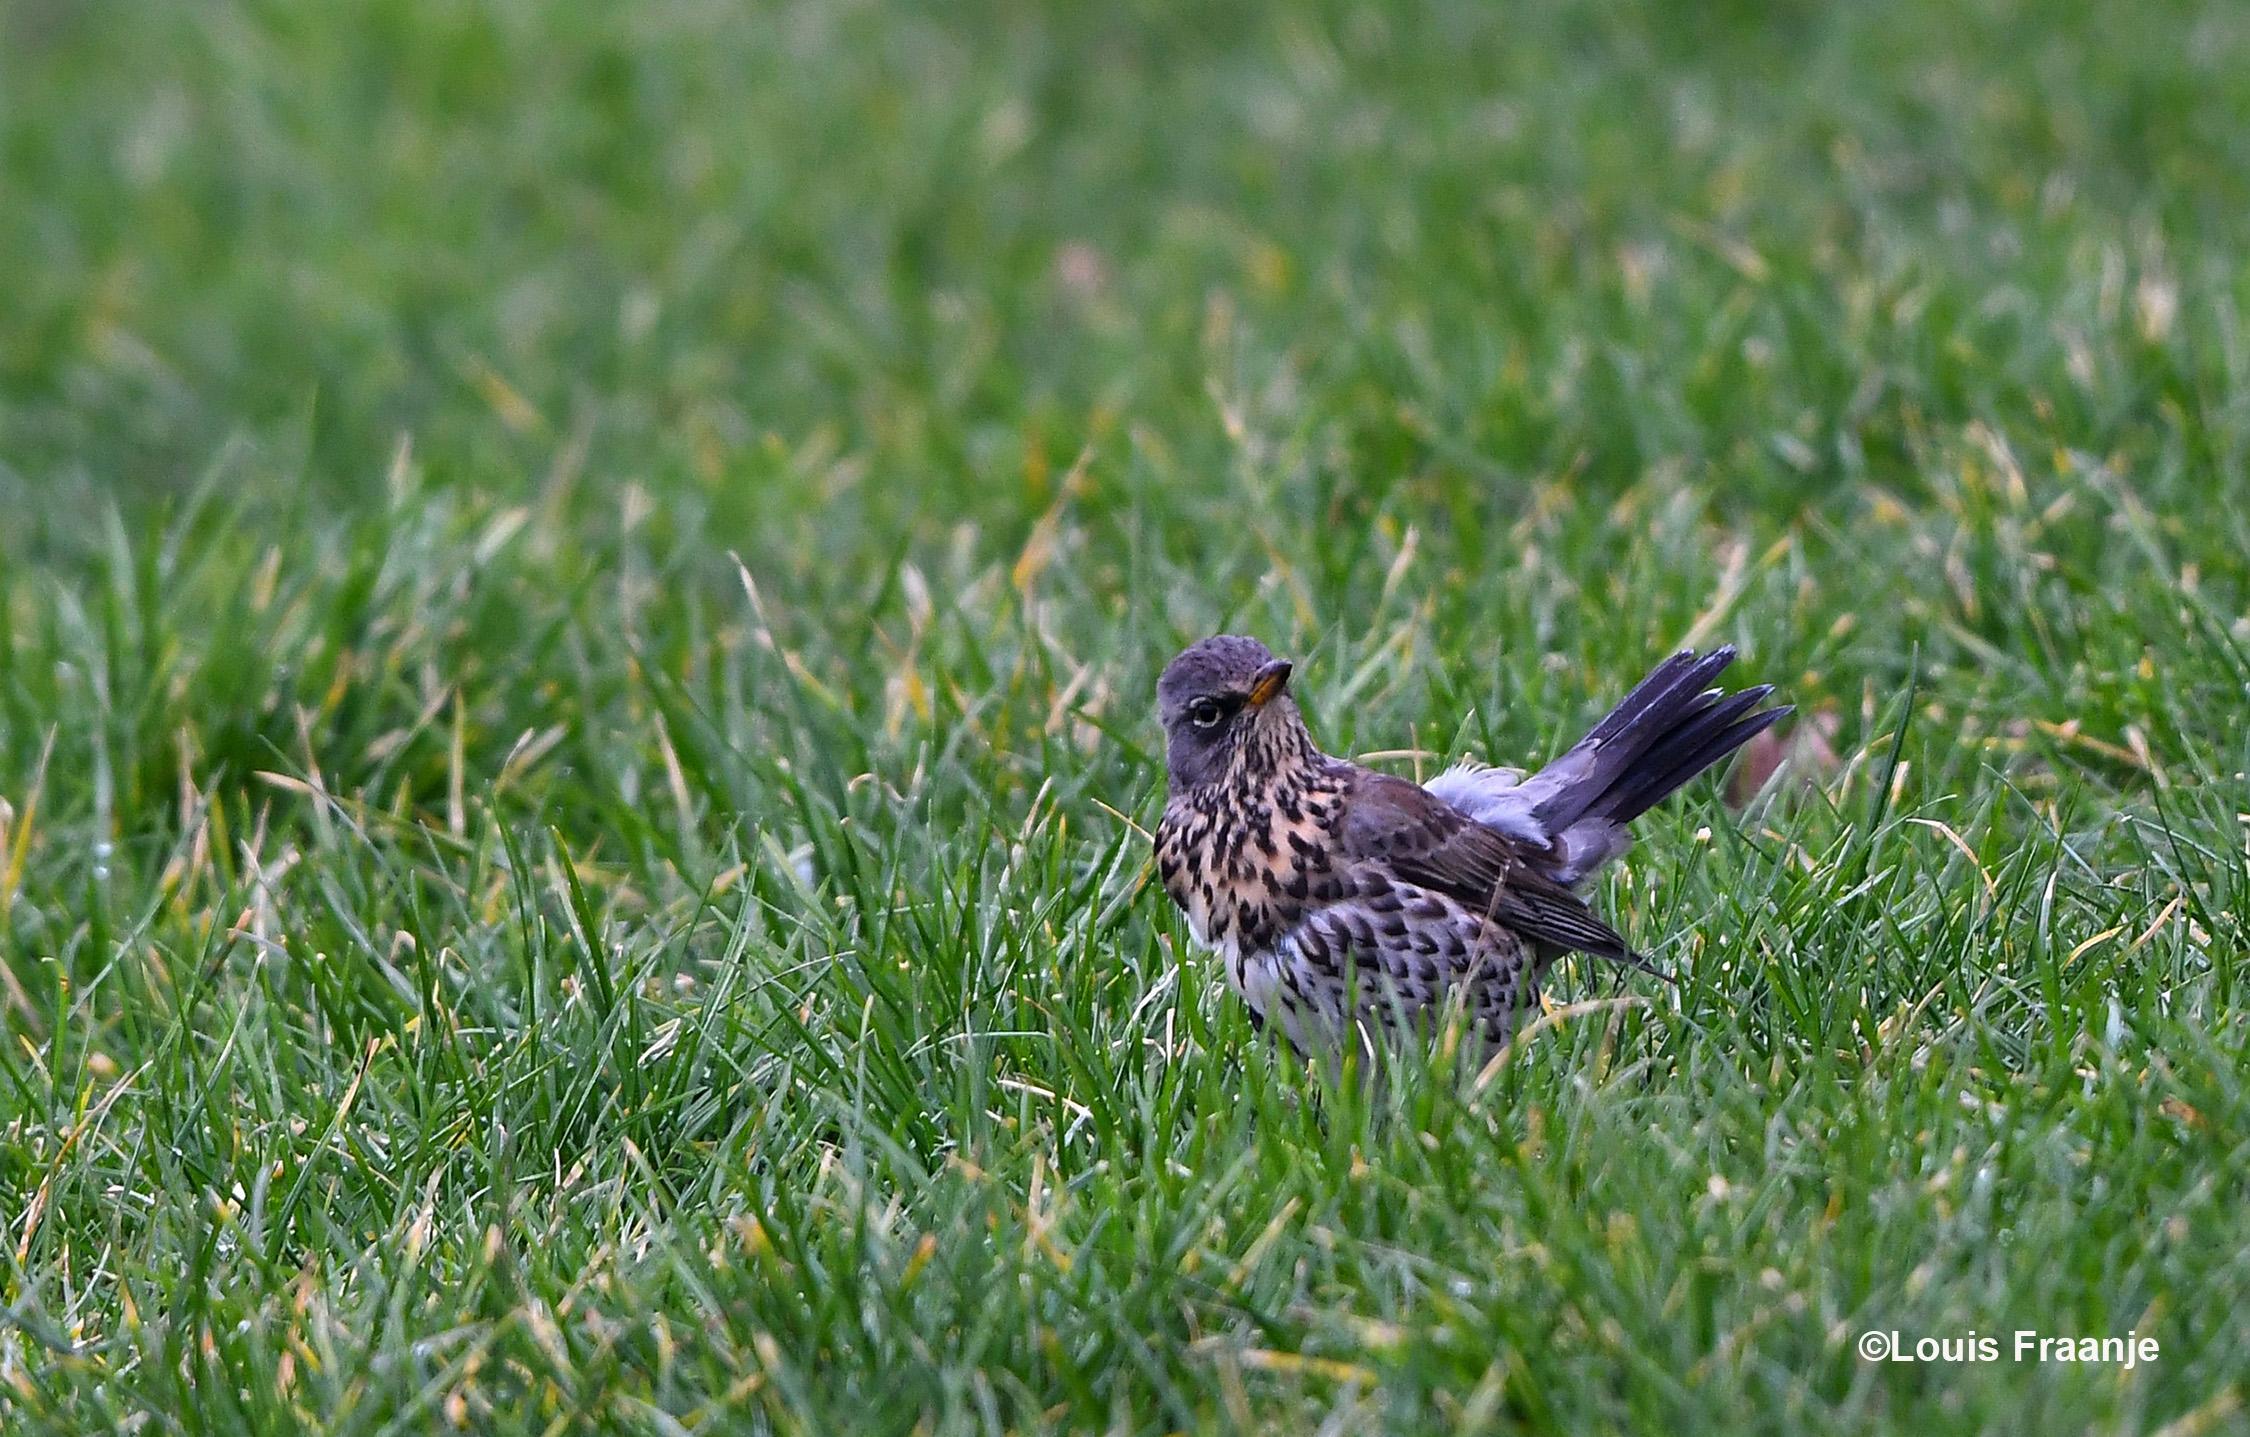 Een kramsvogel zoekt naar insecten in de wei, een beetje schuw kijkt hij om zich heen - Foto: ©Louis Fraanje